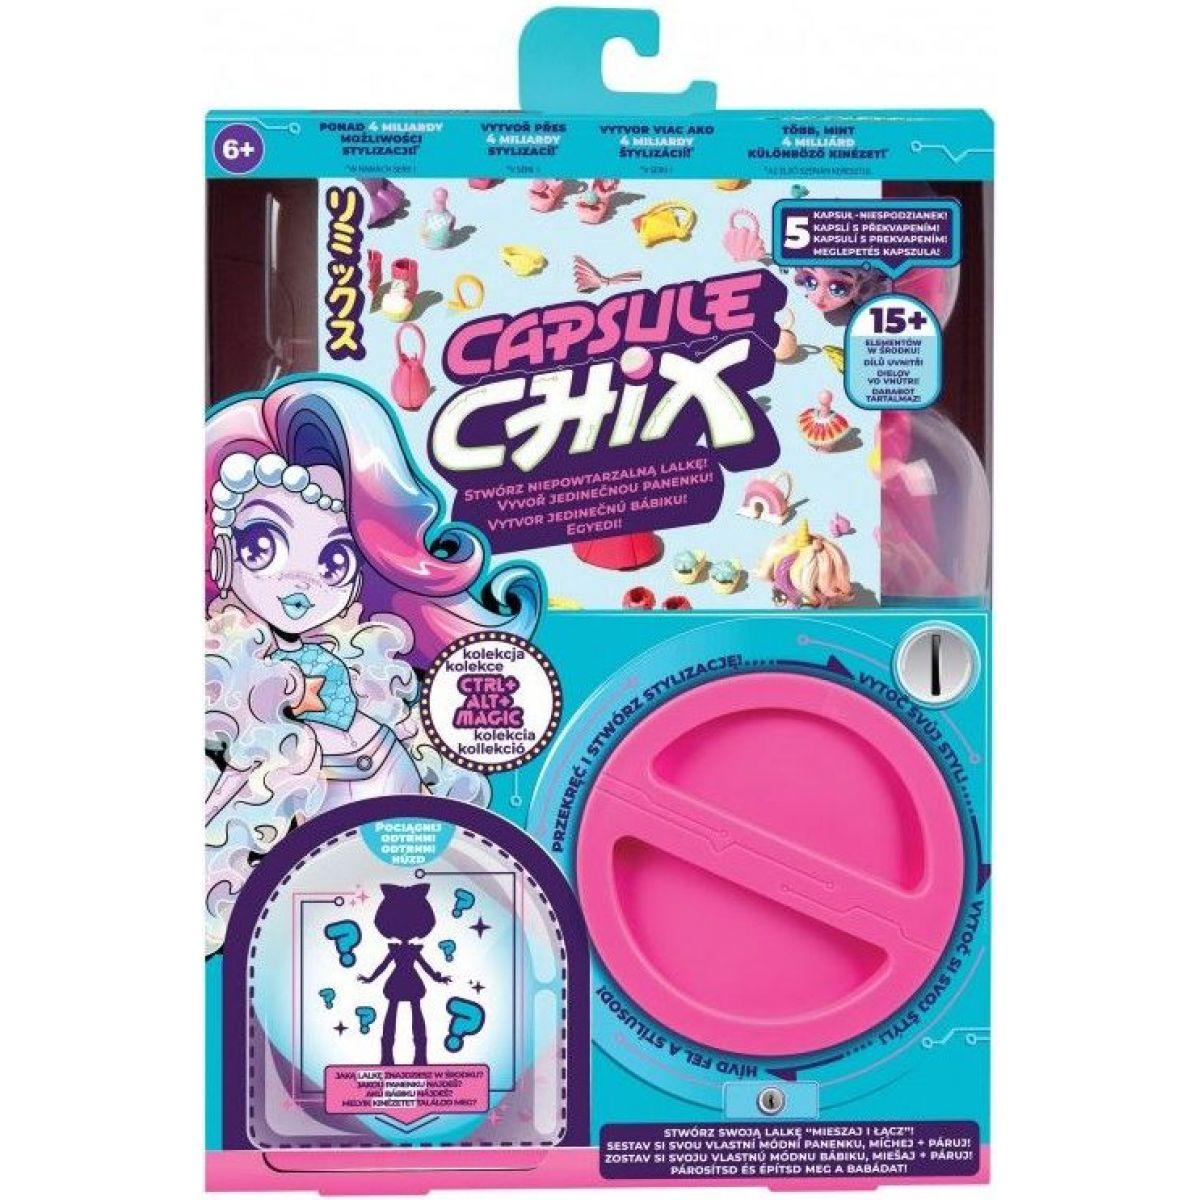 Capsule Chix Ctrl+Alt+Magic